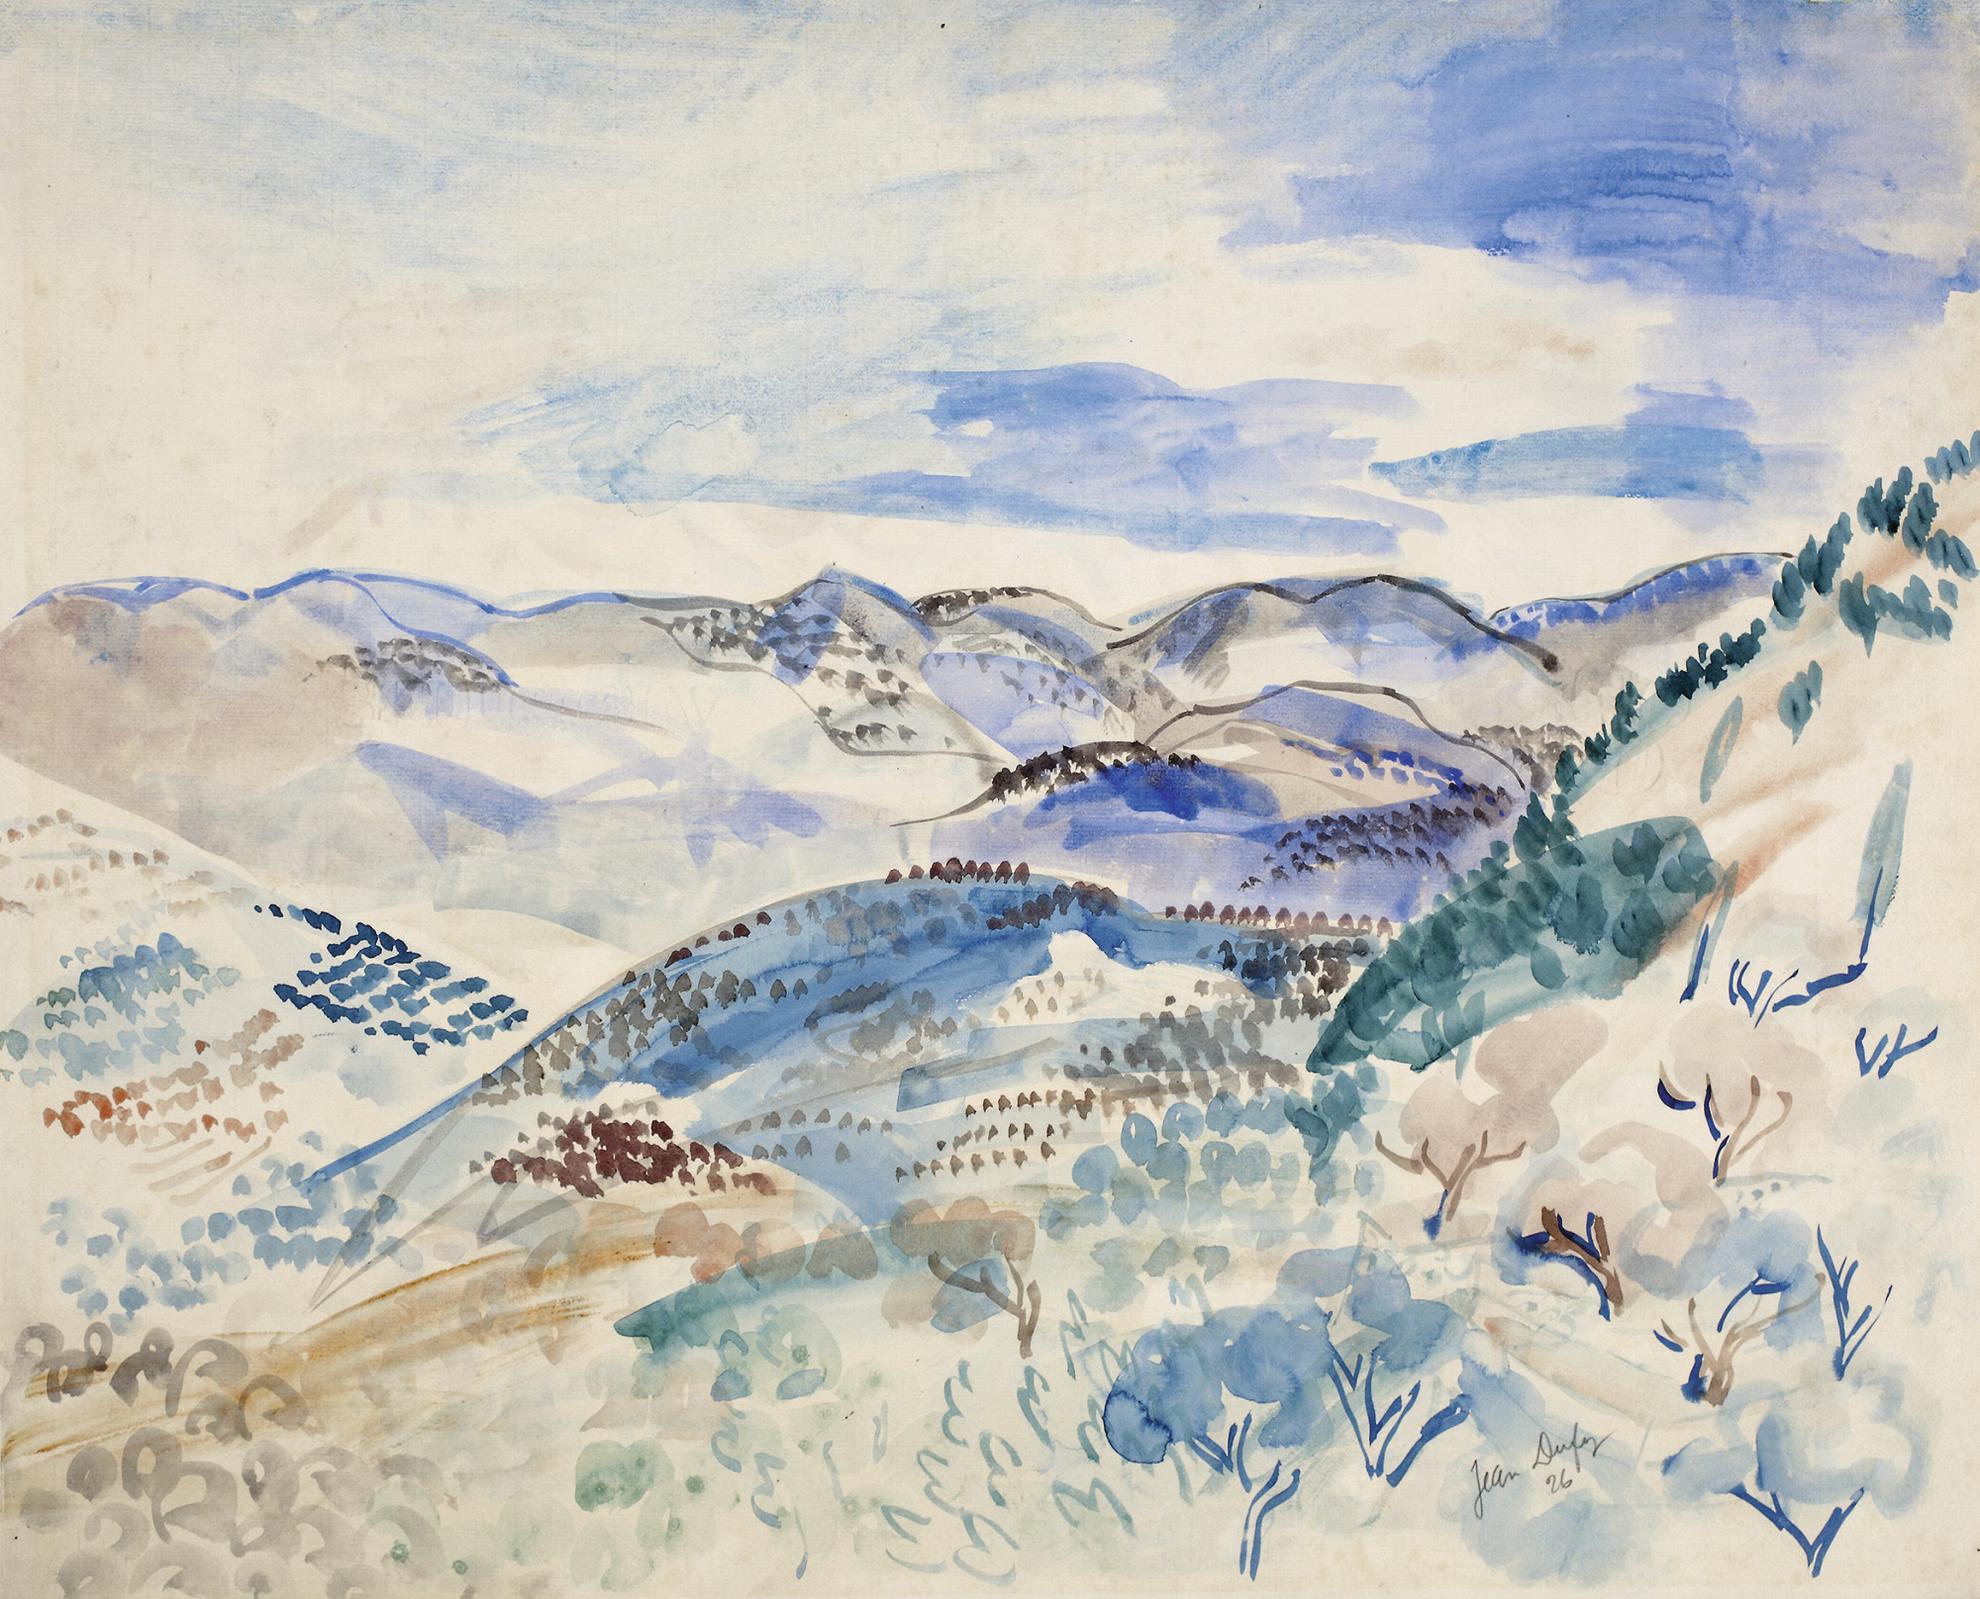 Jean Dufy-Paysage-1926